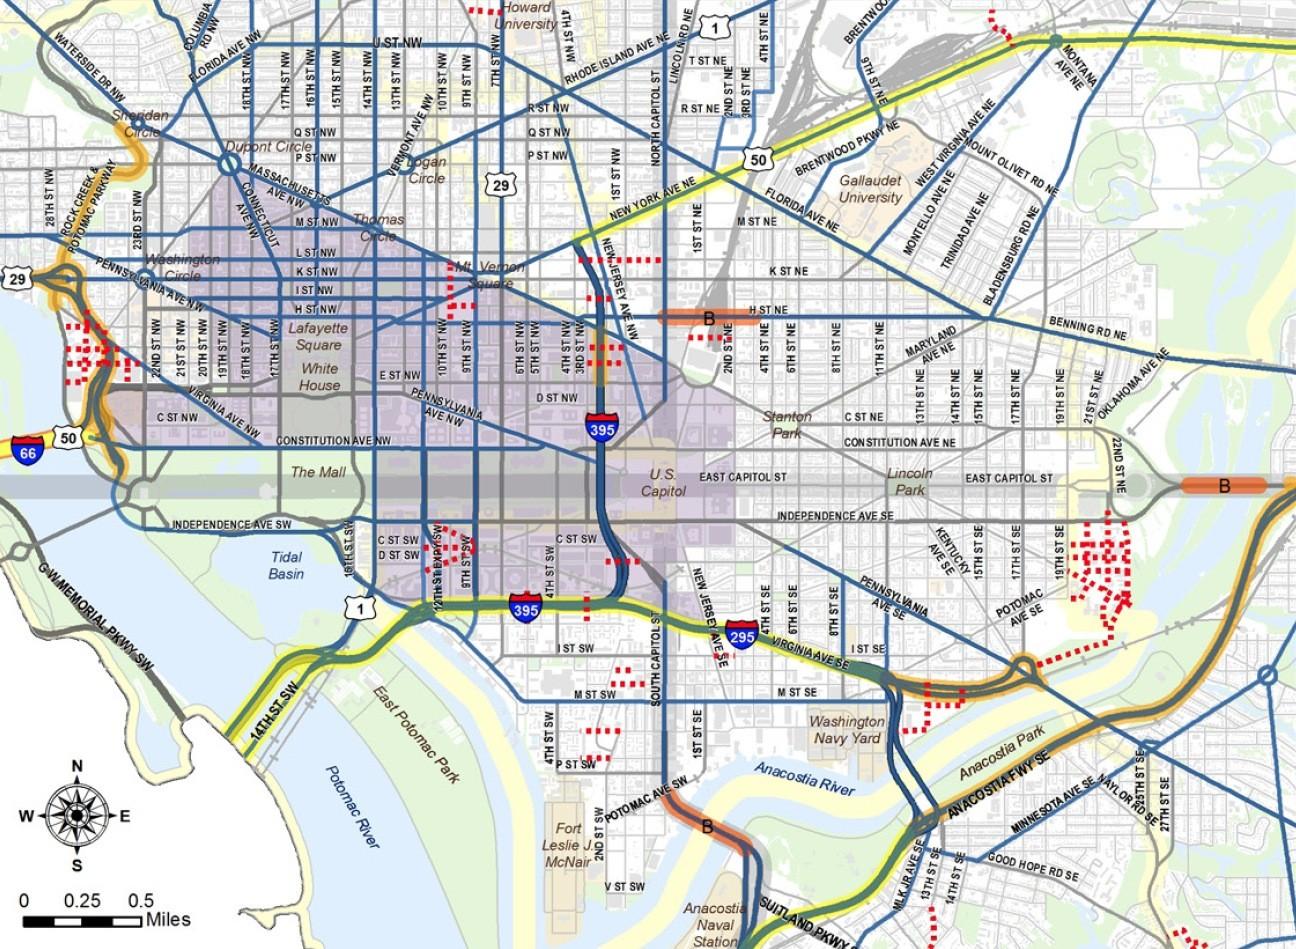 Novo plano de transporte de Washington cogita implementar tarifação viária no centro financeiro da cidade, Proposta para o perímetro de tarifação viária em Washington, D.C., EUA